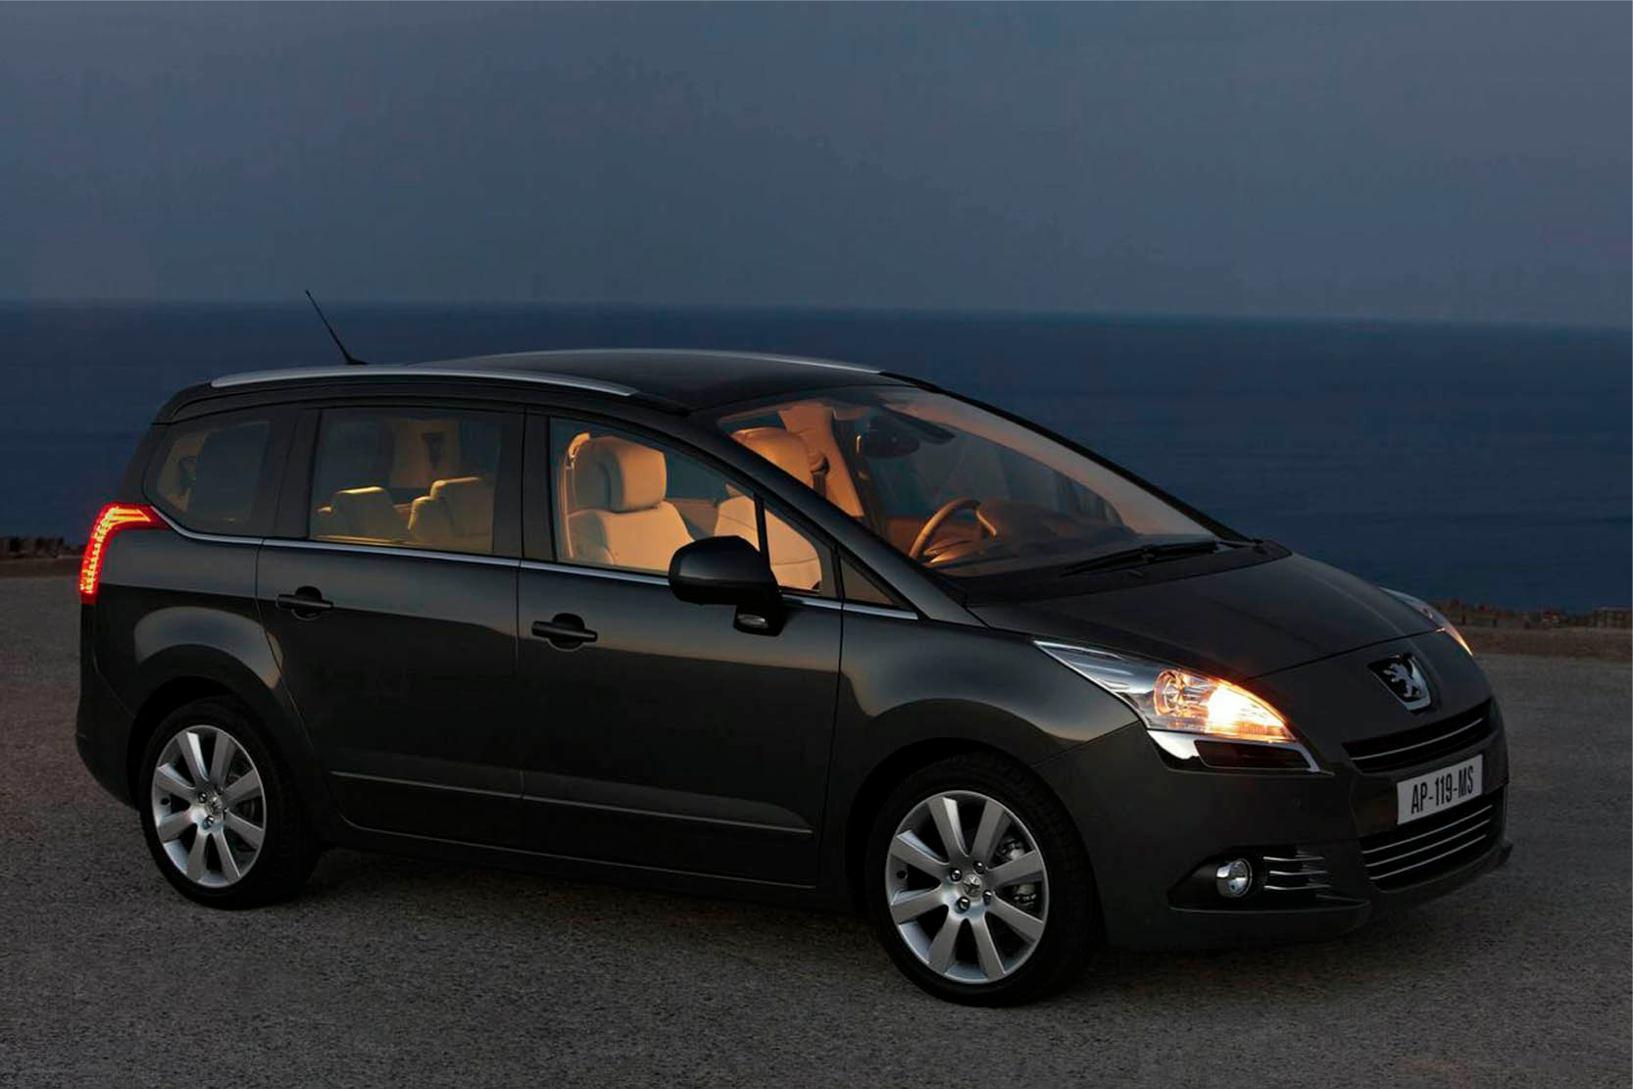 Peugeot  5008    http://www.voiturepourlui.com/images/Peugeot//Exterieur/Peugeot_5008_002.jpg